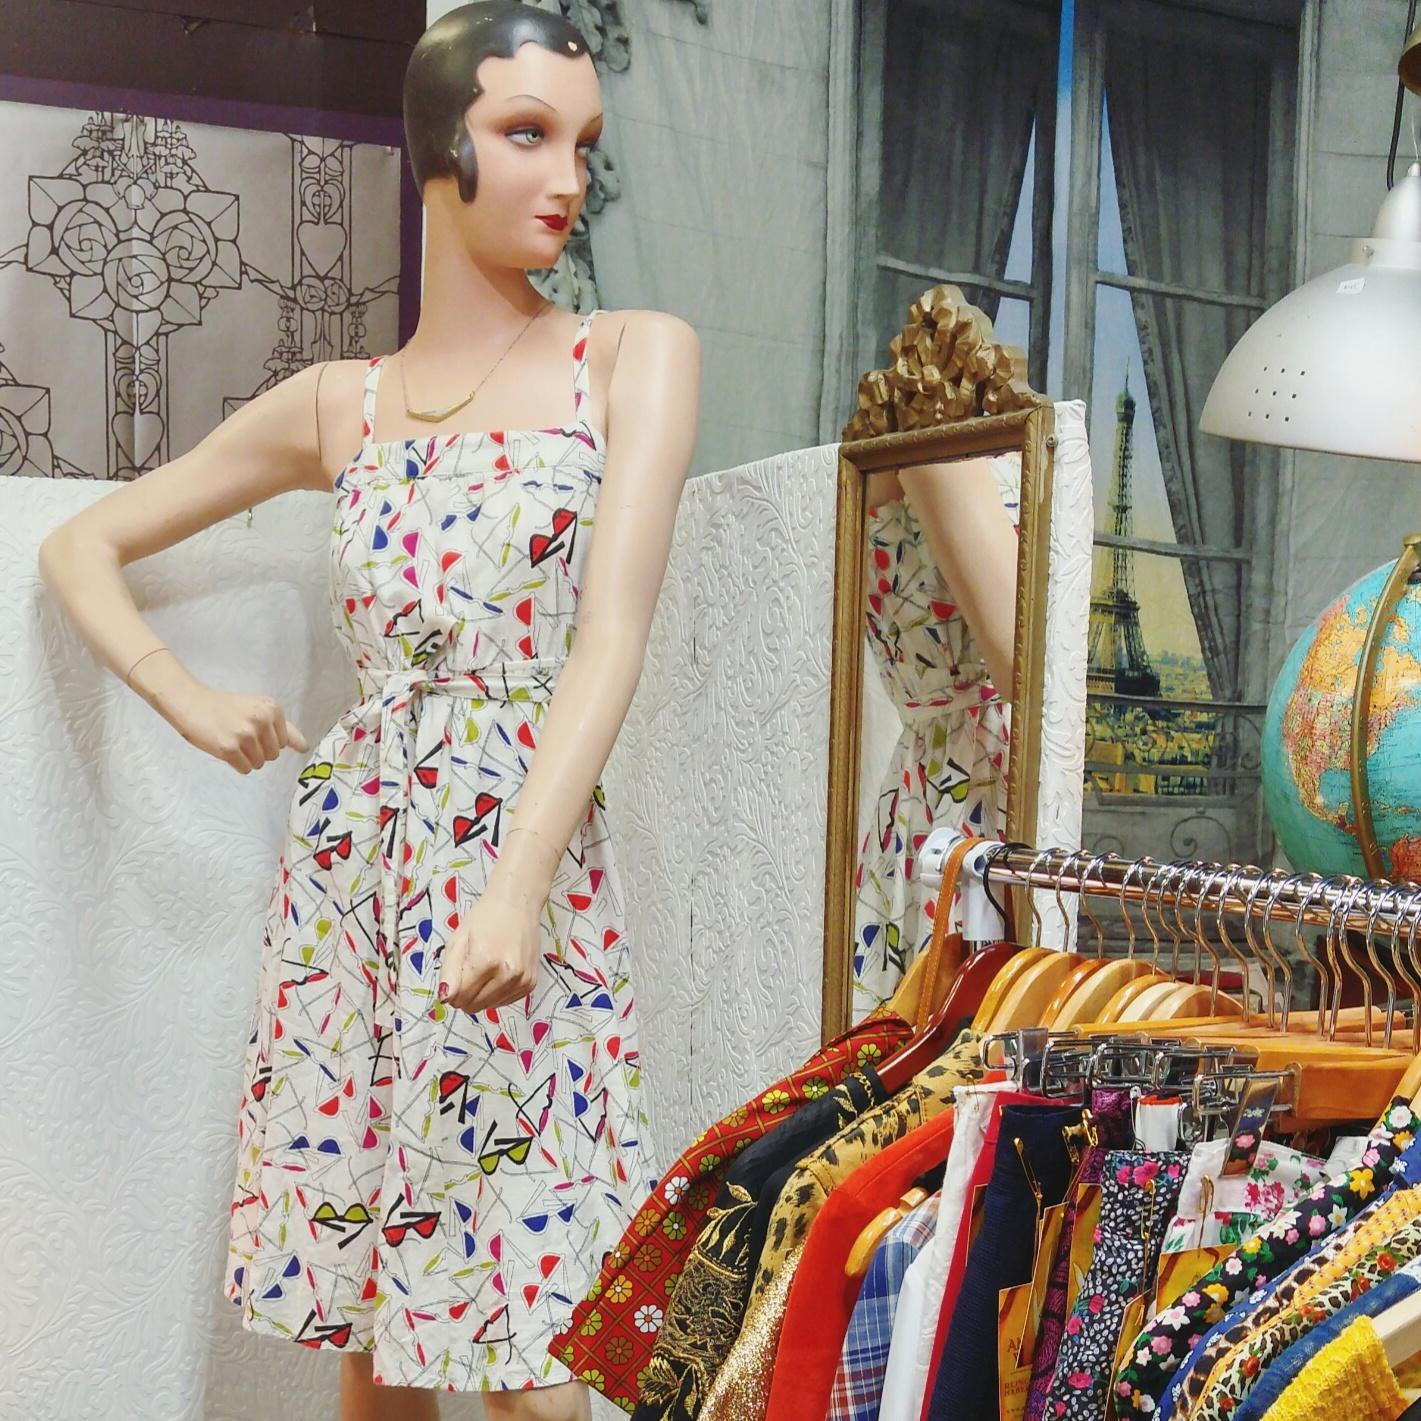 Aminda-Wood-Vintage-sunglasses-dress.jpg